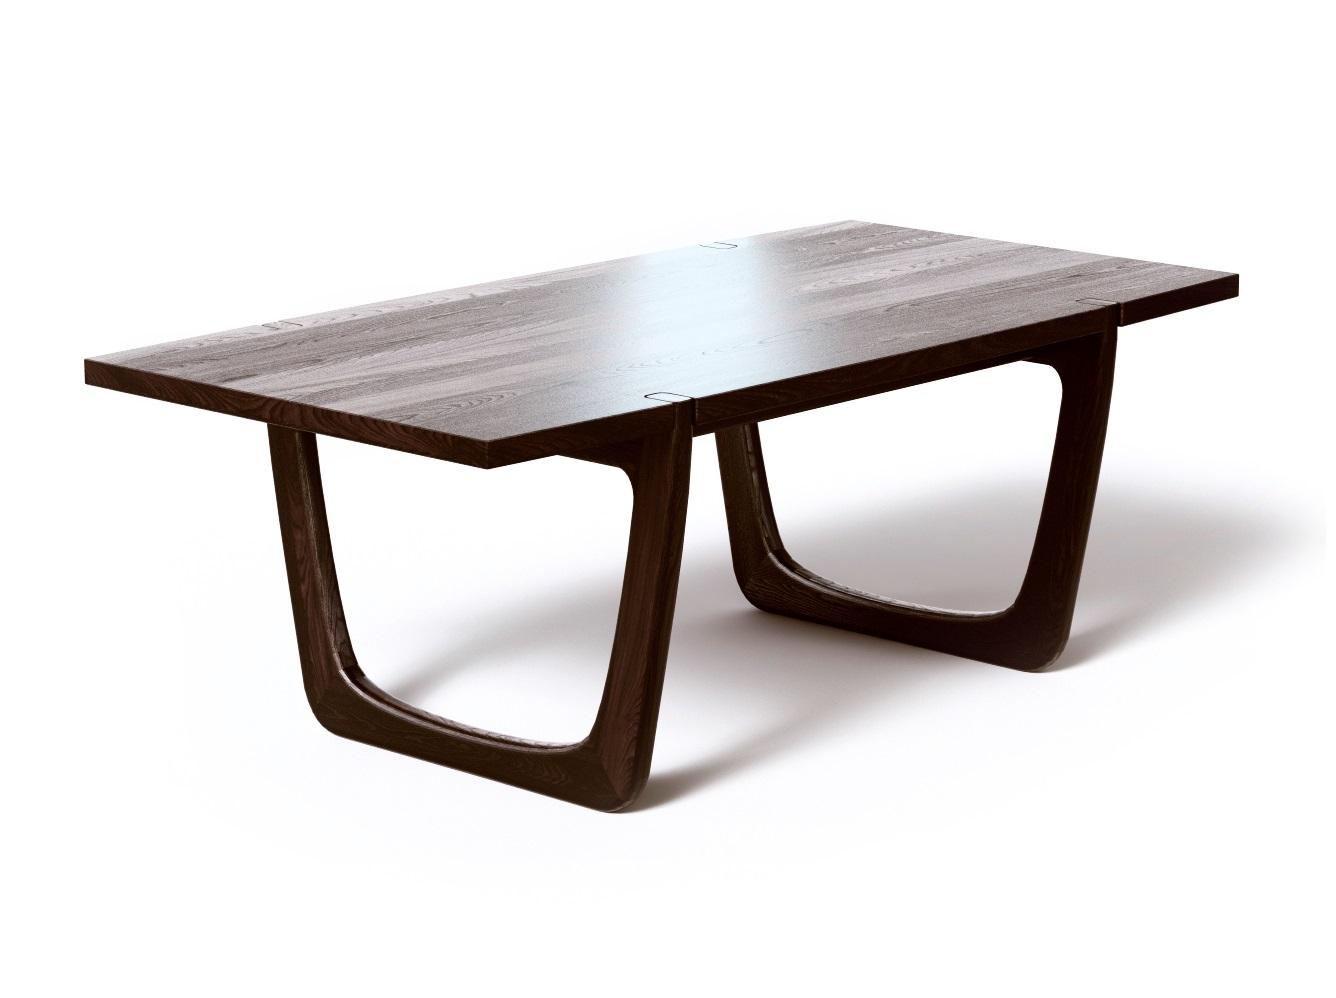 Журнальный стол ANDYЖурнальные столики<br>Журнальный стол ANDY успешно объединил простоту и функциональность. Он отлично подходит для дружеских посиделок в гостиной и для семейных чаепитий.<br><br>Material: Дерево<br>Ширина см: 1100<br>Высота см: 39<br>Глубина см: 54